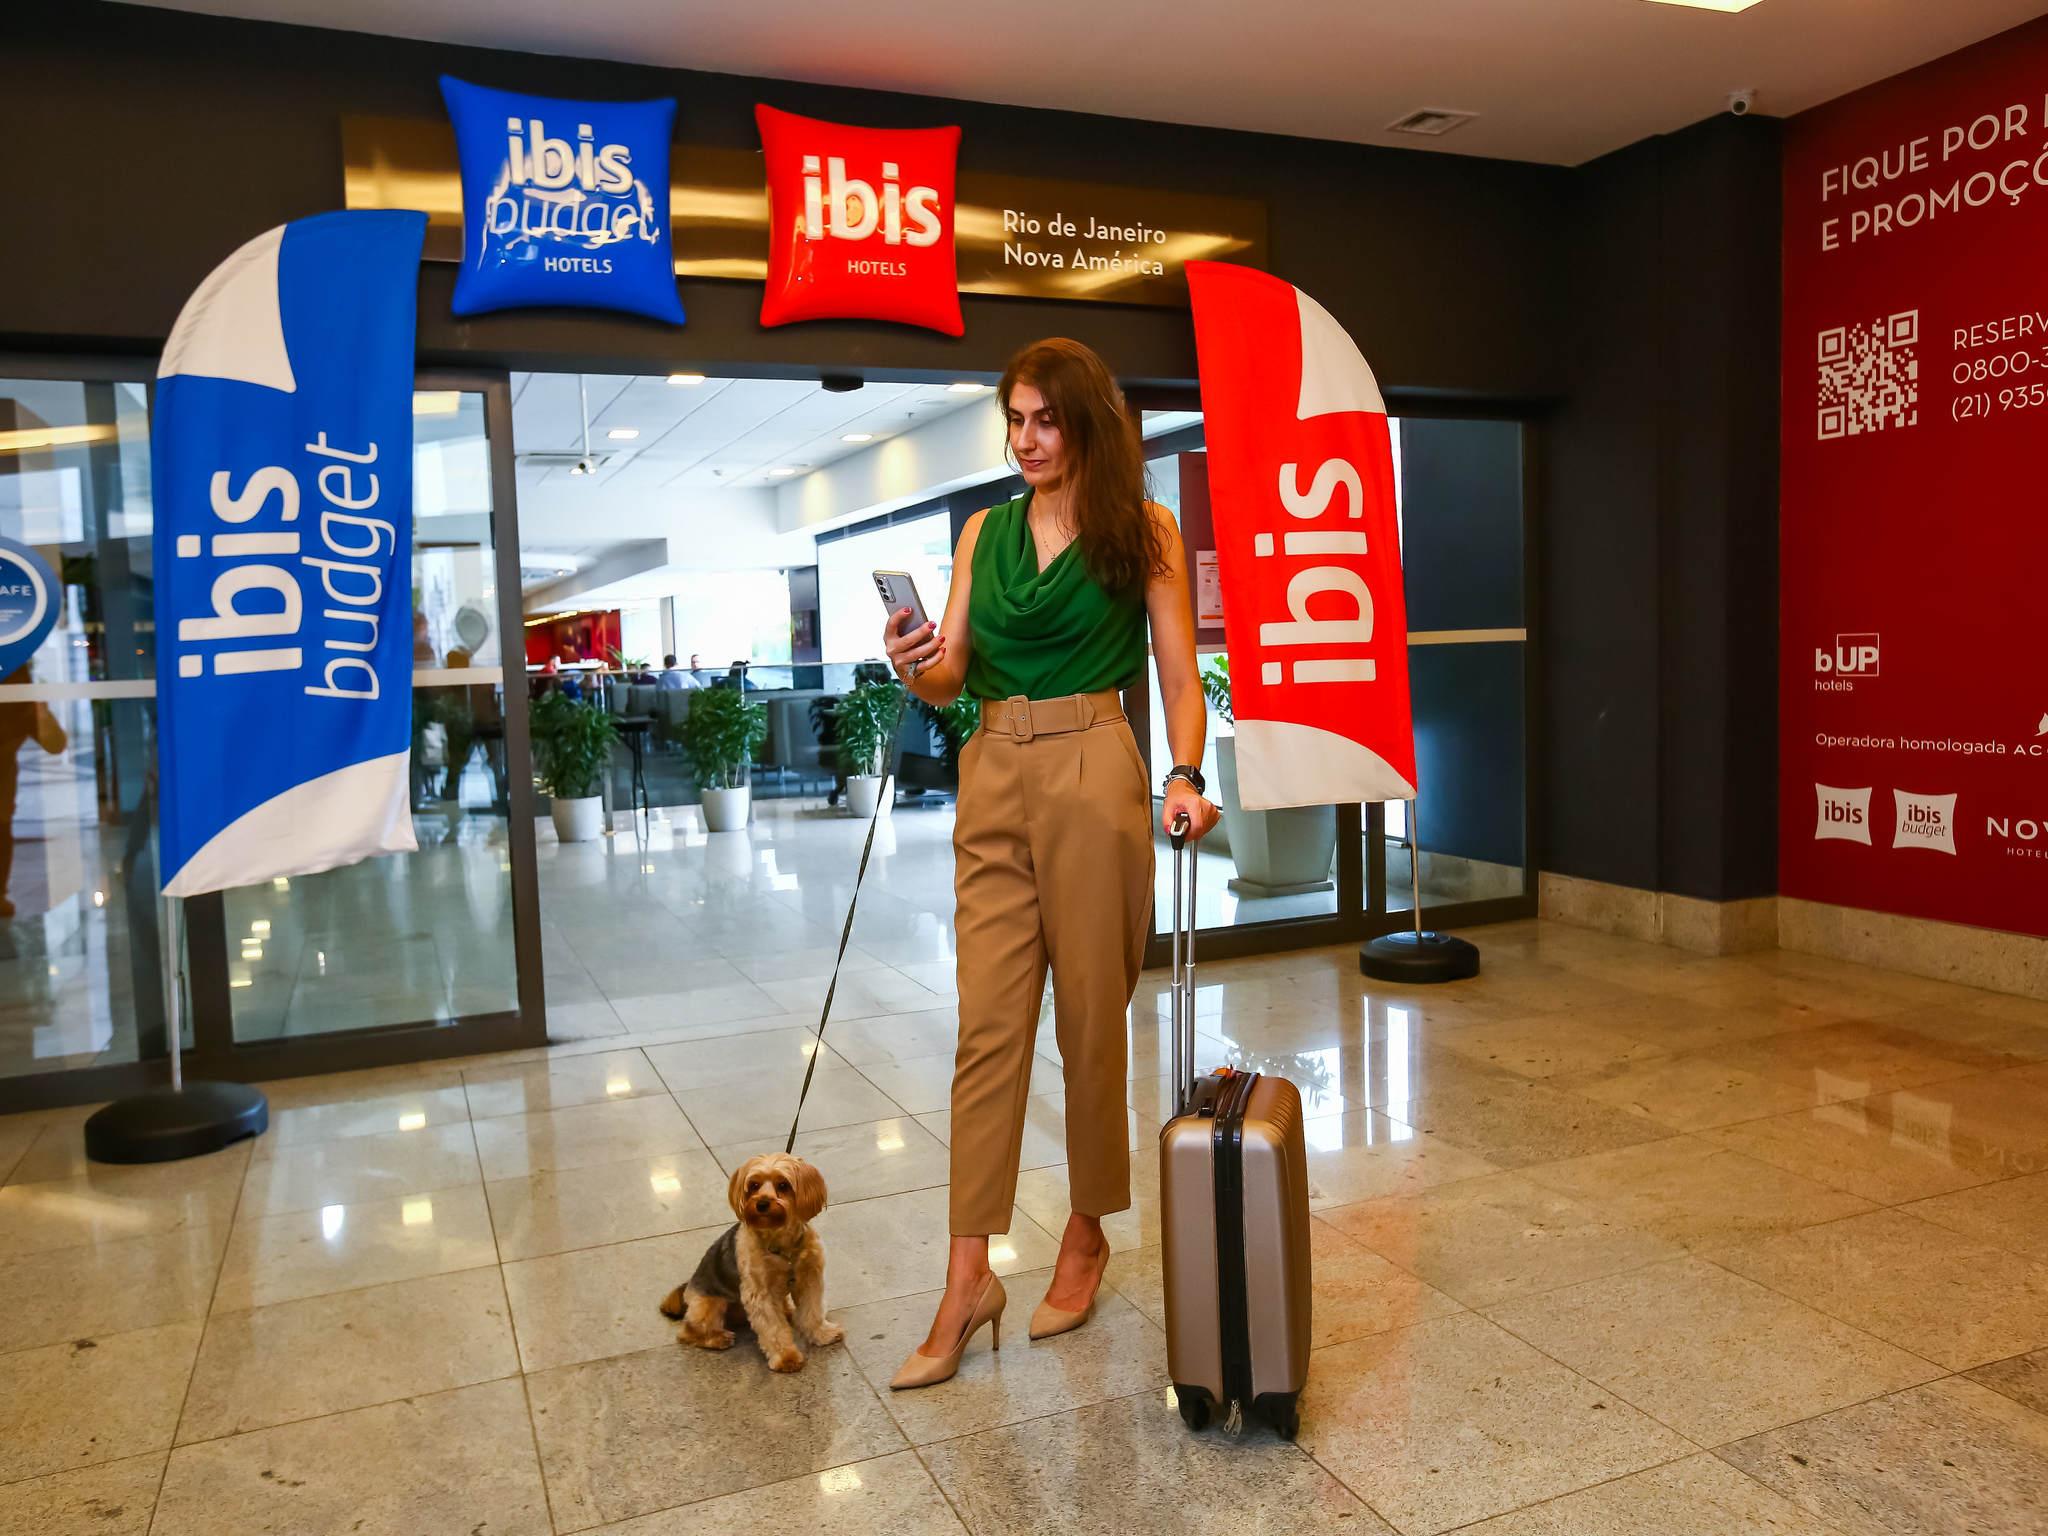 فندق - ibis budget Rio de Janeiro Nova America